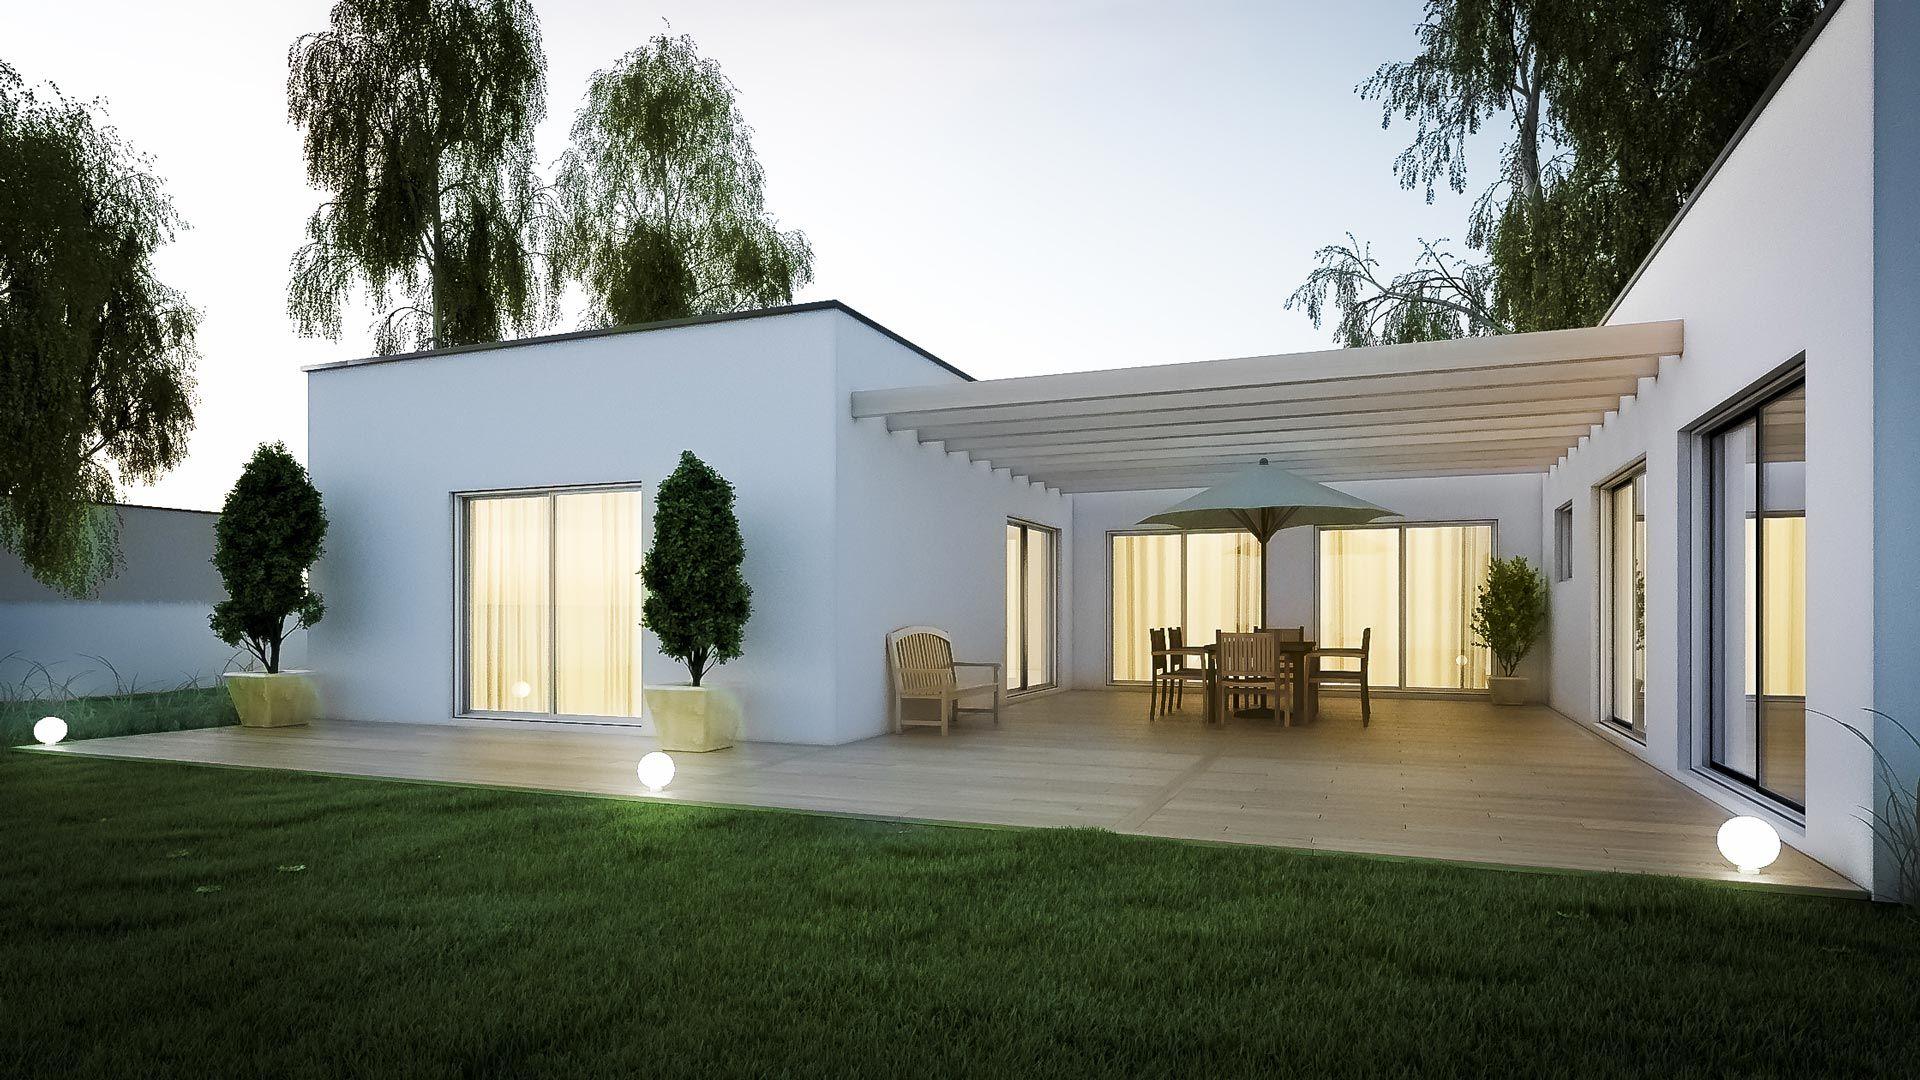 Extension d'une maison design et moderne avec terrasse en bois et pergola | Agrandissement ...